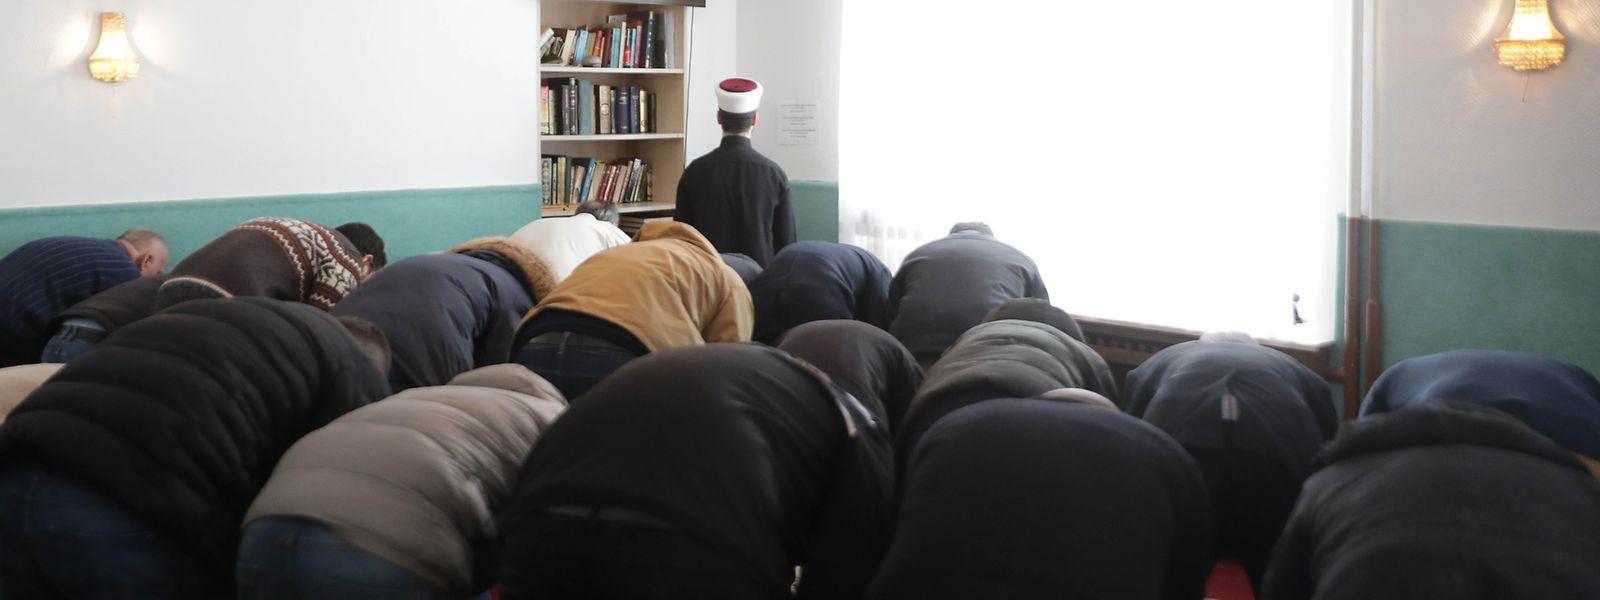 Prière du vendredi midi à la mosquée du Centre Culturel Islamique du Grand-Duché de Luxembourg à Mamer.